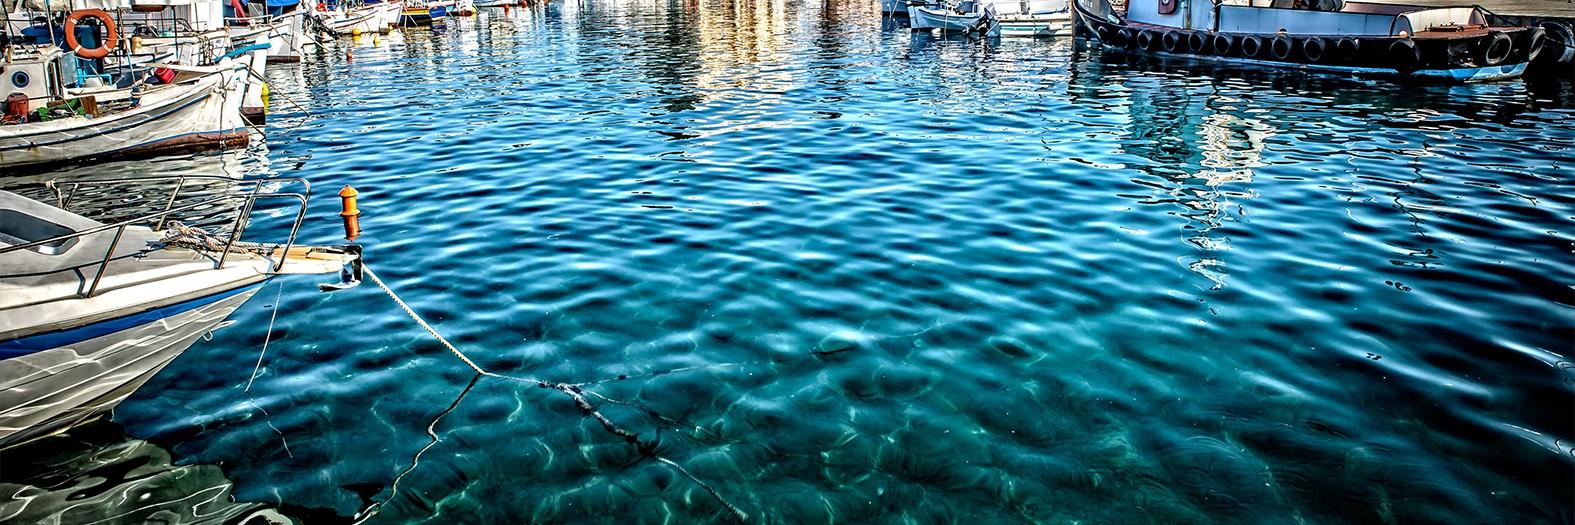 Αίγινα λιμάνι